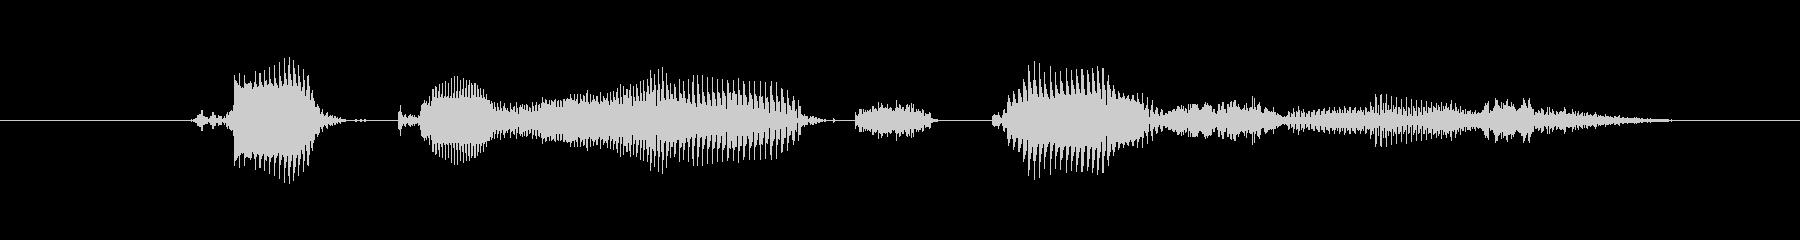 【時報・時間】6時をお伝えしますの未再生の波形